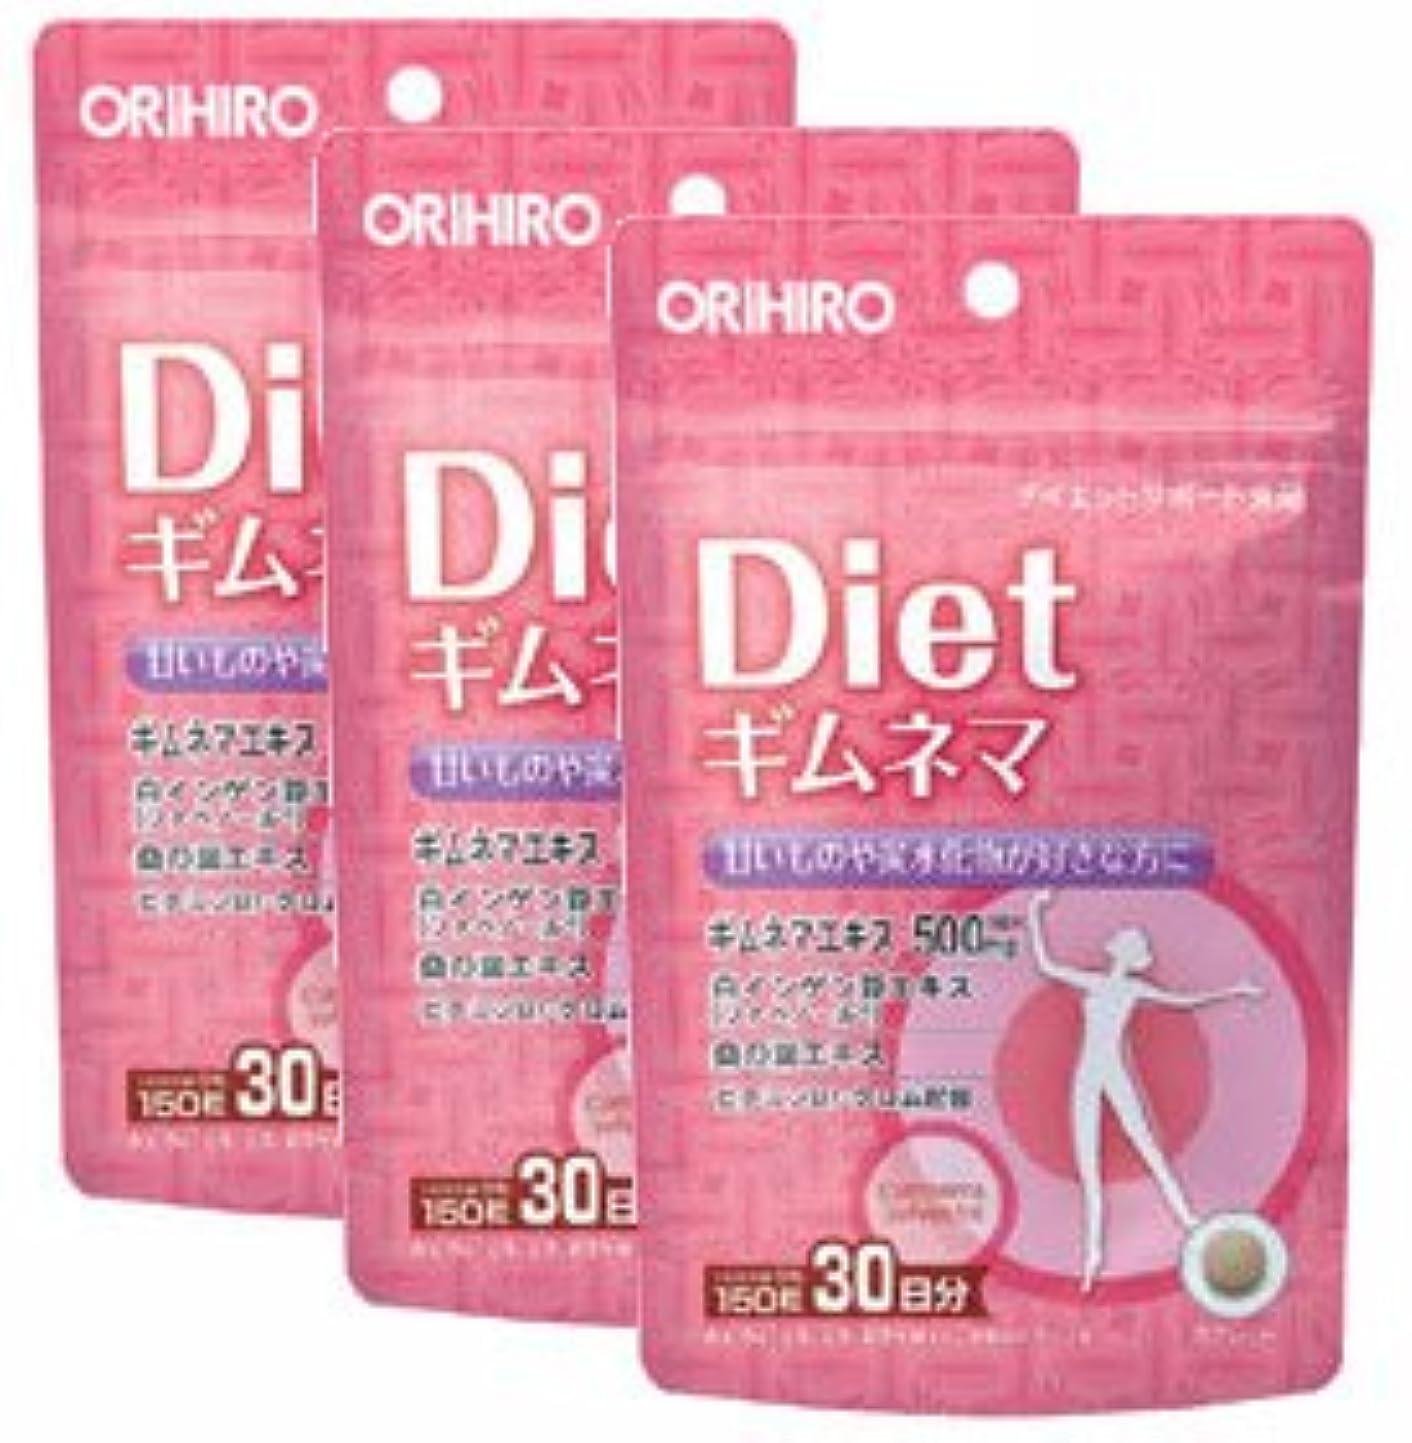 褒賞前置詞怪物Dietギムネマ PD【3袋セット】オリヒロ